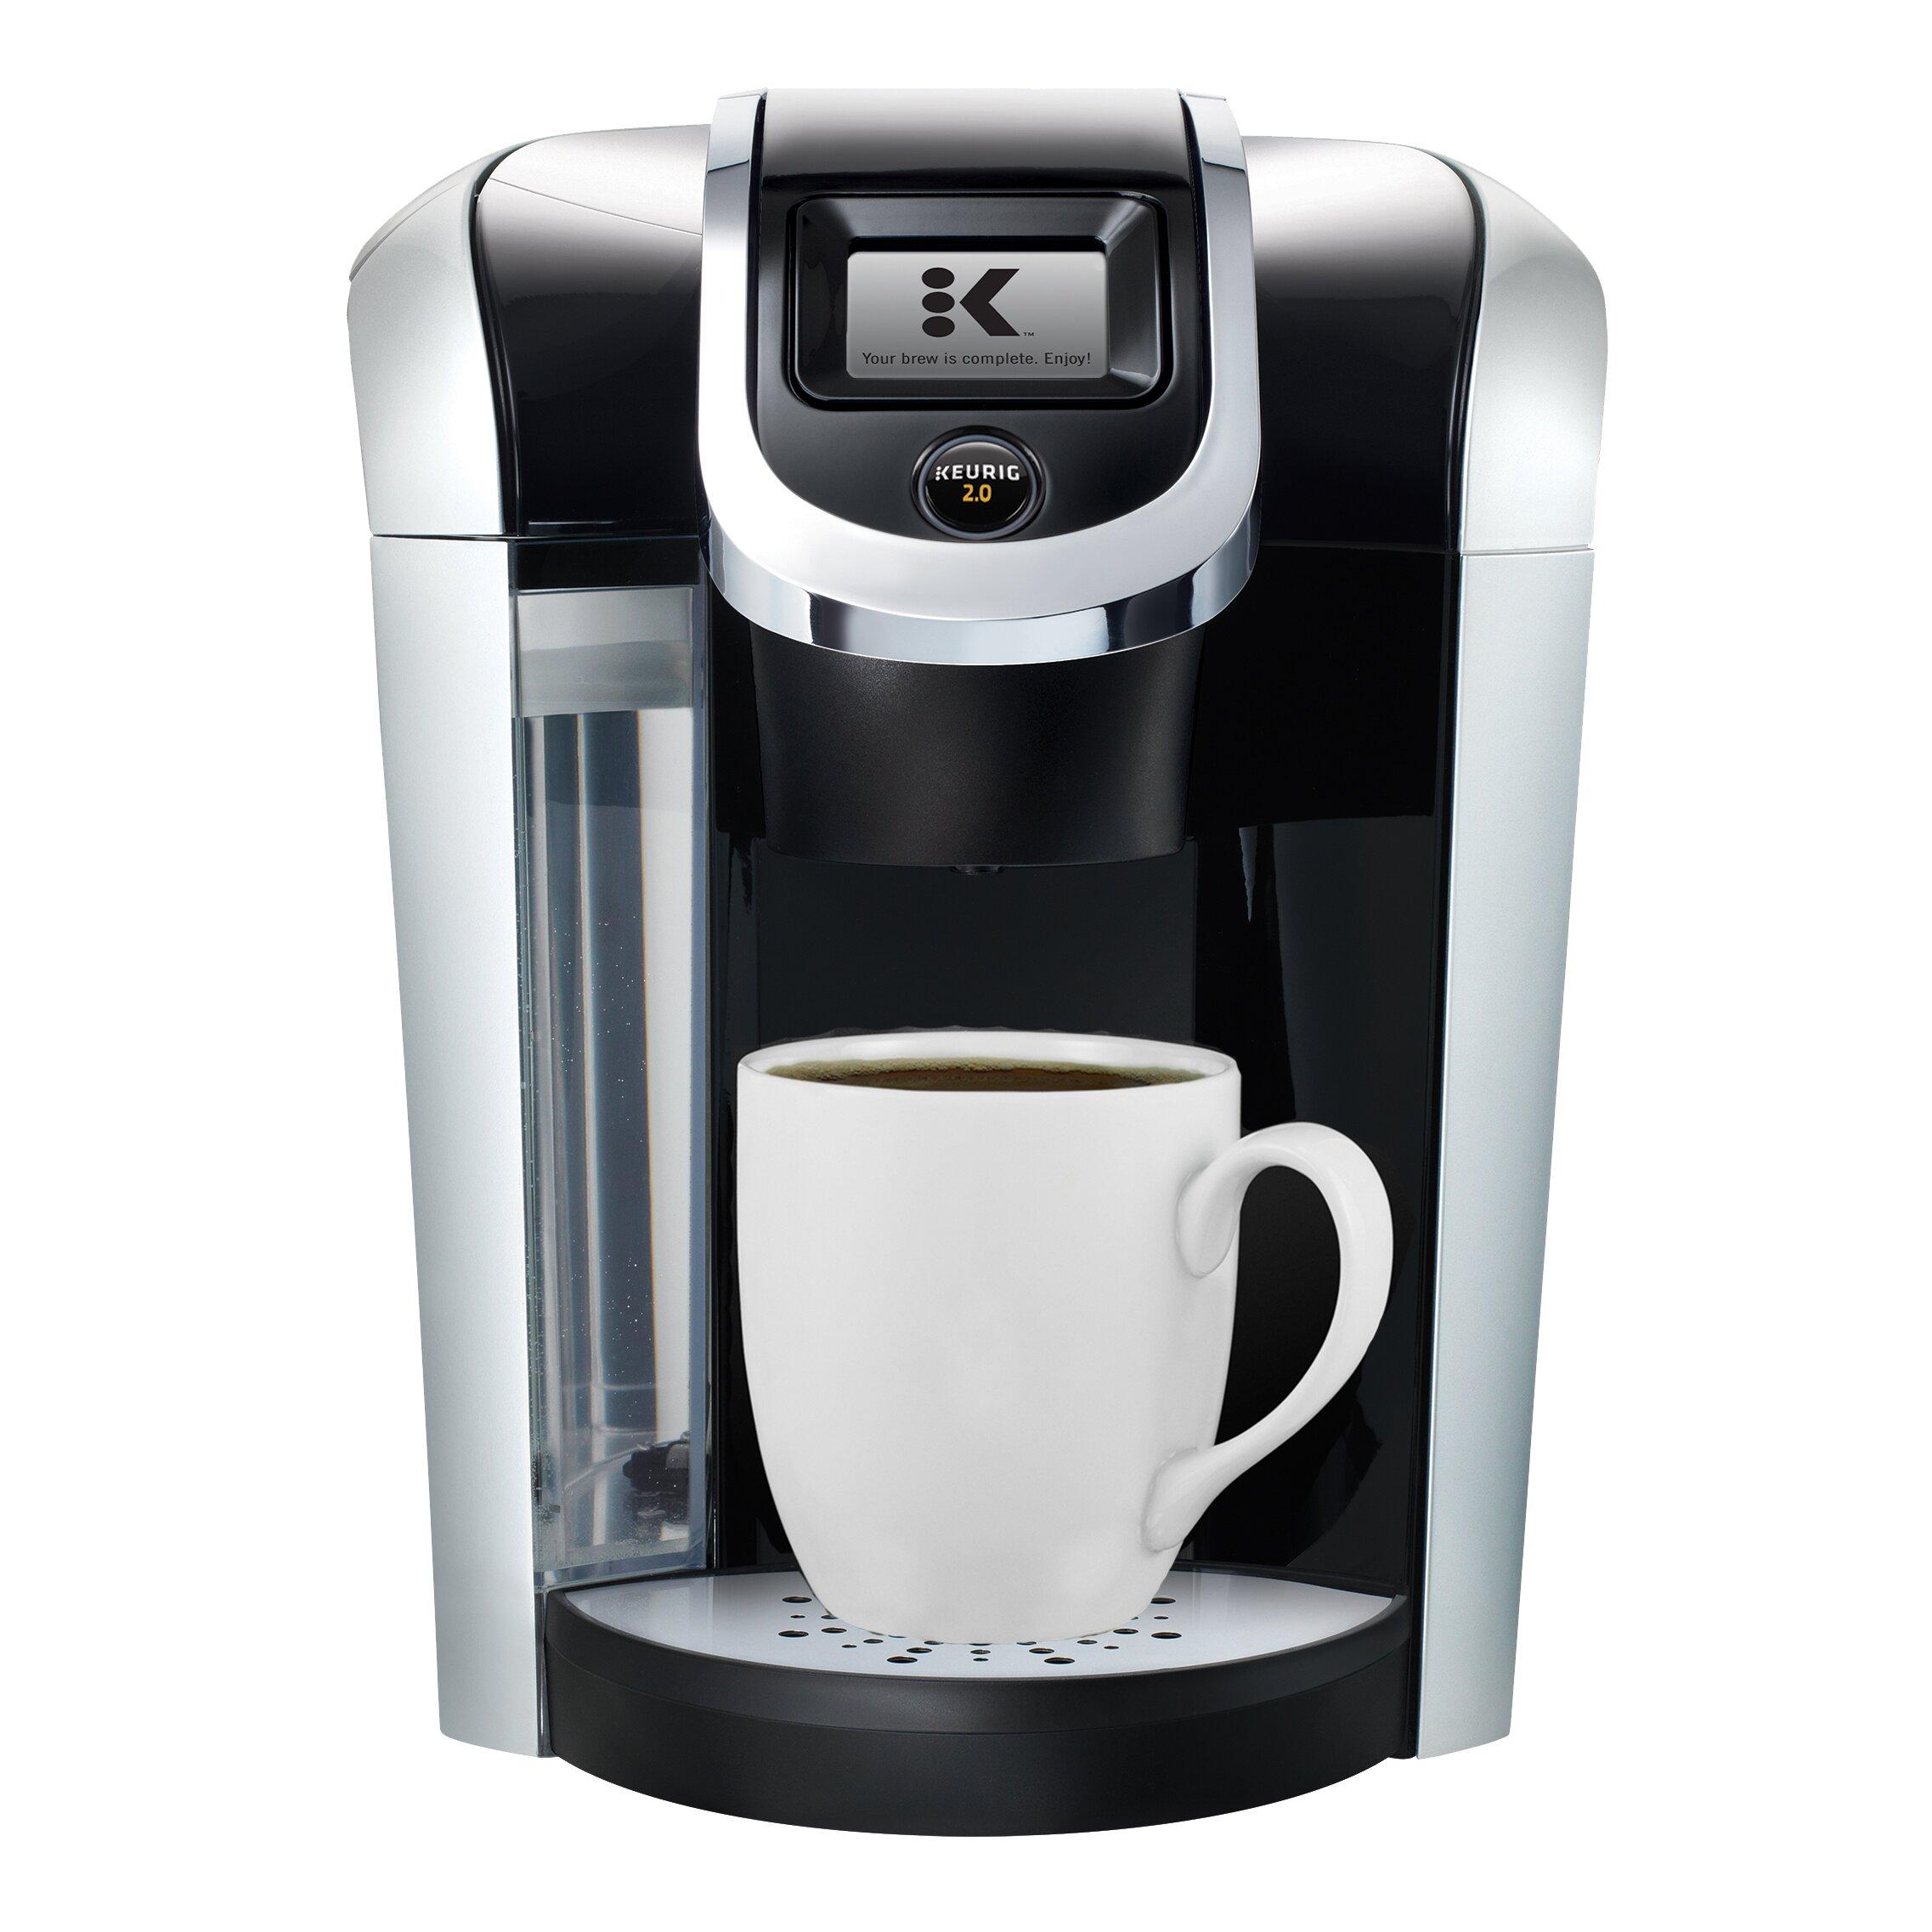 Keurig K475 Keurig 2.0 Brewer 114592 Keurig Coffee Of The Month